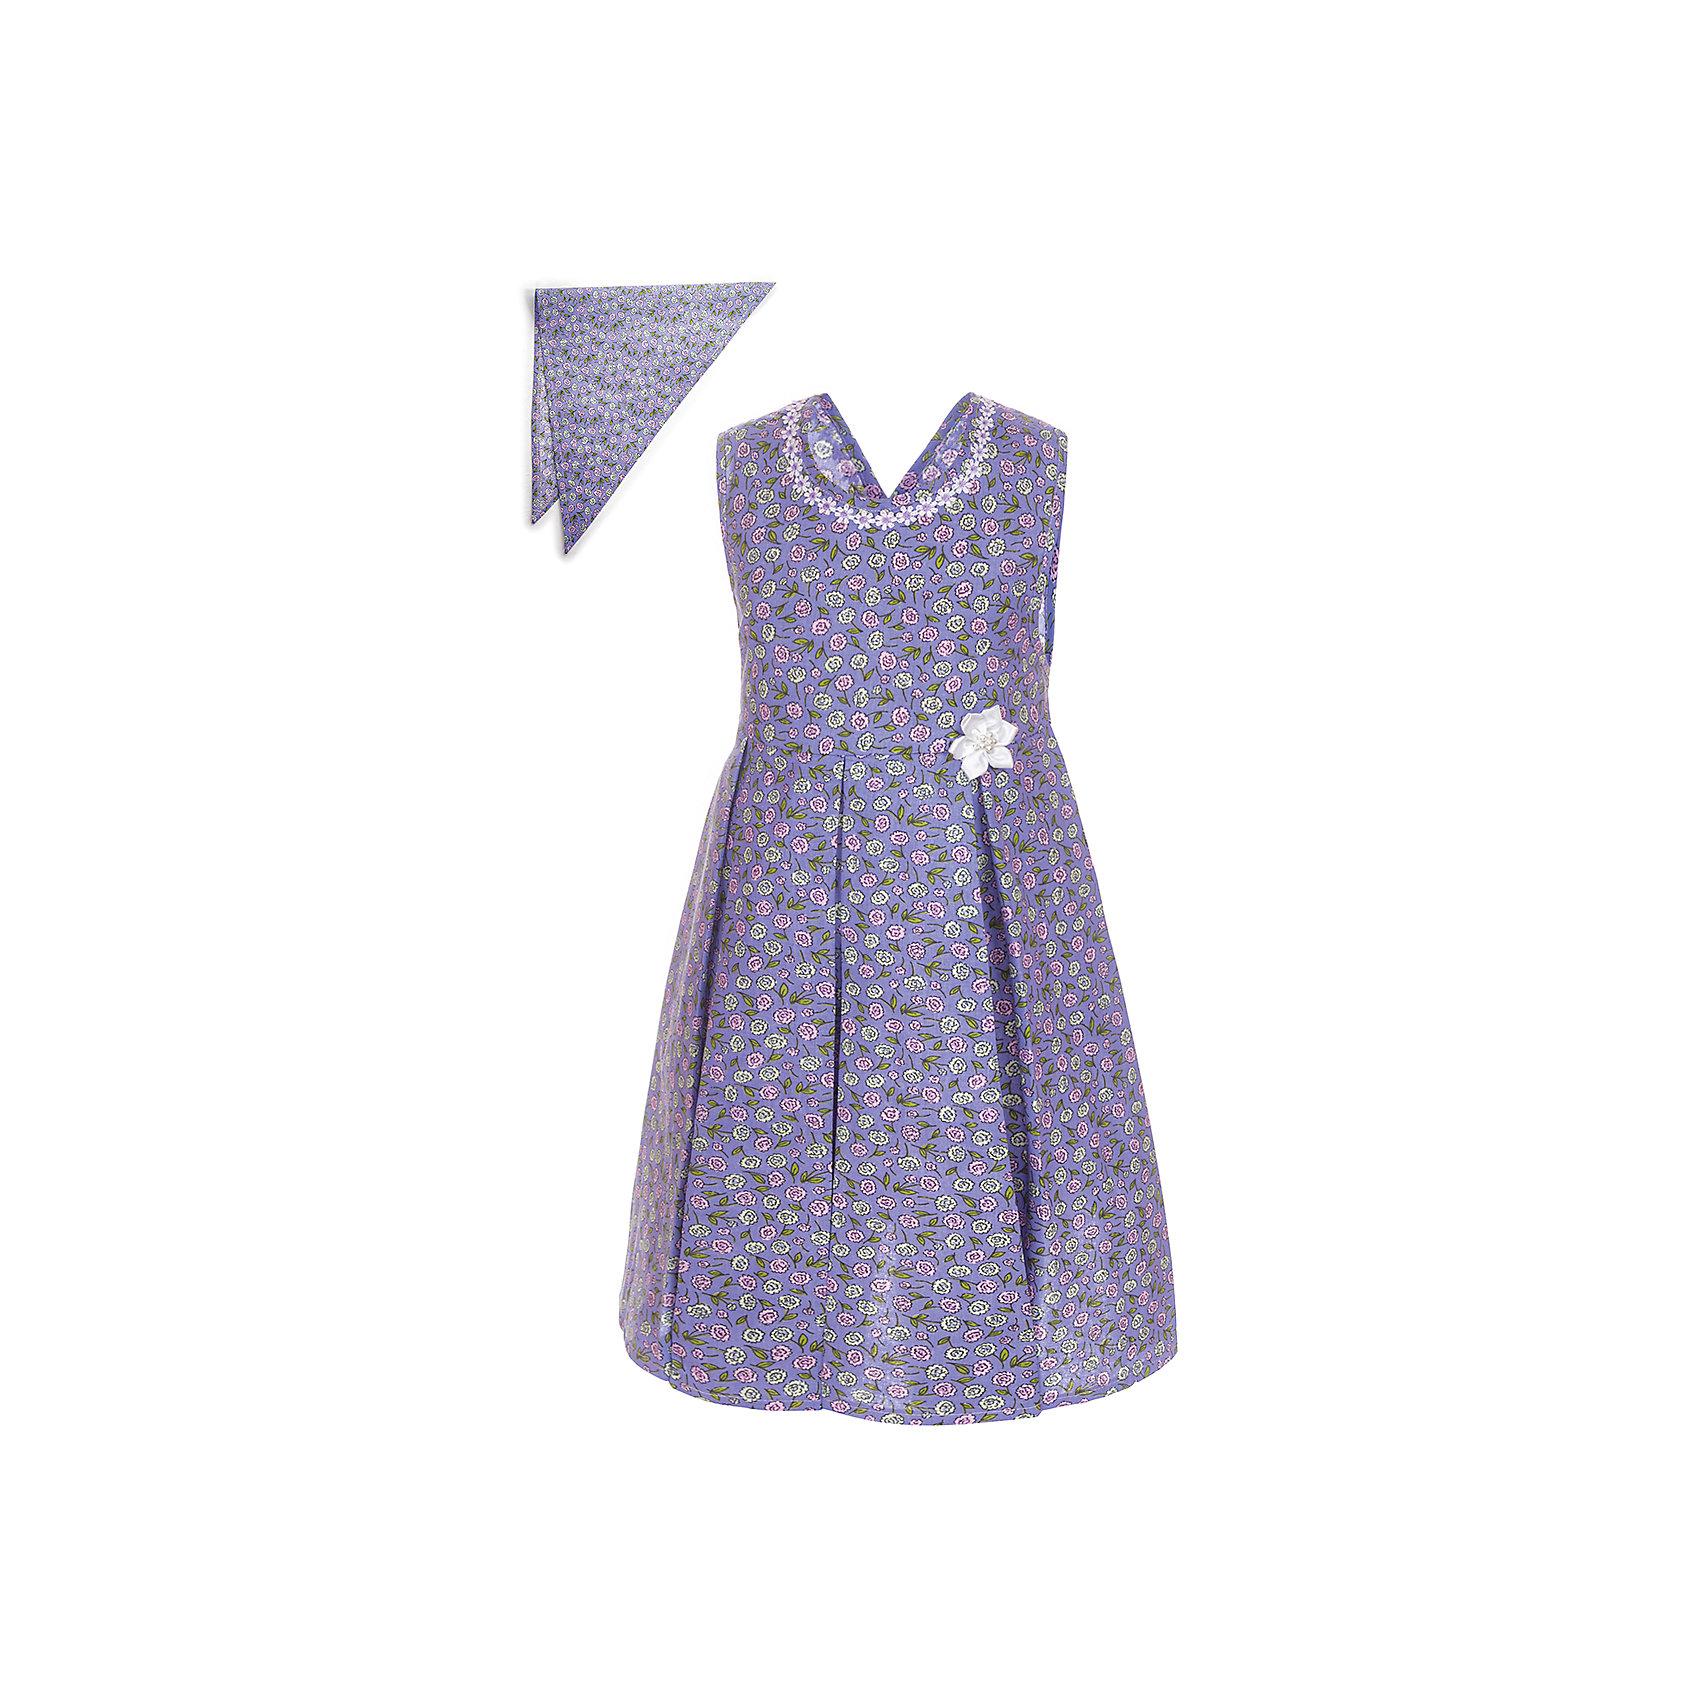 Платье M&amp;D для девочкиПлатья и сарафаны<br>Платье-сарафан для девочки из текстильного полотна.<br>С V-образным вырезом по спинке,с поясом.<br>В комплекте с косынкой.Декорировано кружевной тесьмой.<br>Соответствует размеру.<br>Рекомендуется предварительная стирка.<br>Состав:<br>100% хлопок<br><br>Ширина мм: 236<br>Глубина мм: 16<br>Высота мм: 184<br>Вес г: 177<br>Цвет: белый<br>Возраст от месяцев: 24<br>Возраст до месяцев: 36<br>Пол: Женский<br>Возраст: Детский<br>Размер: 98,104,110,116,122<br>SKU: 7012646